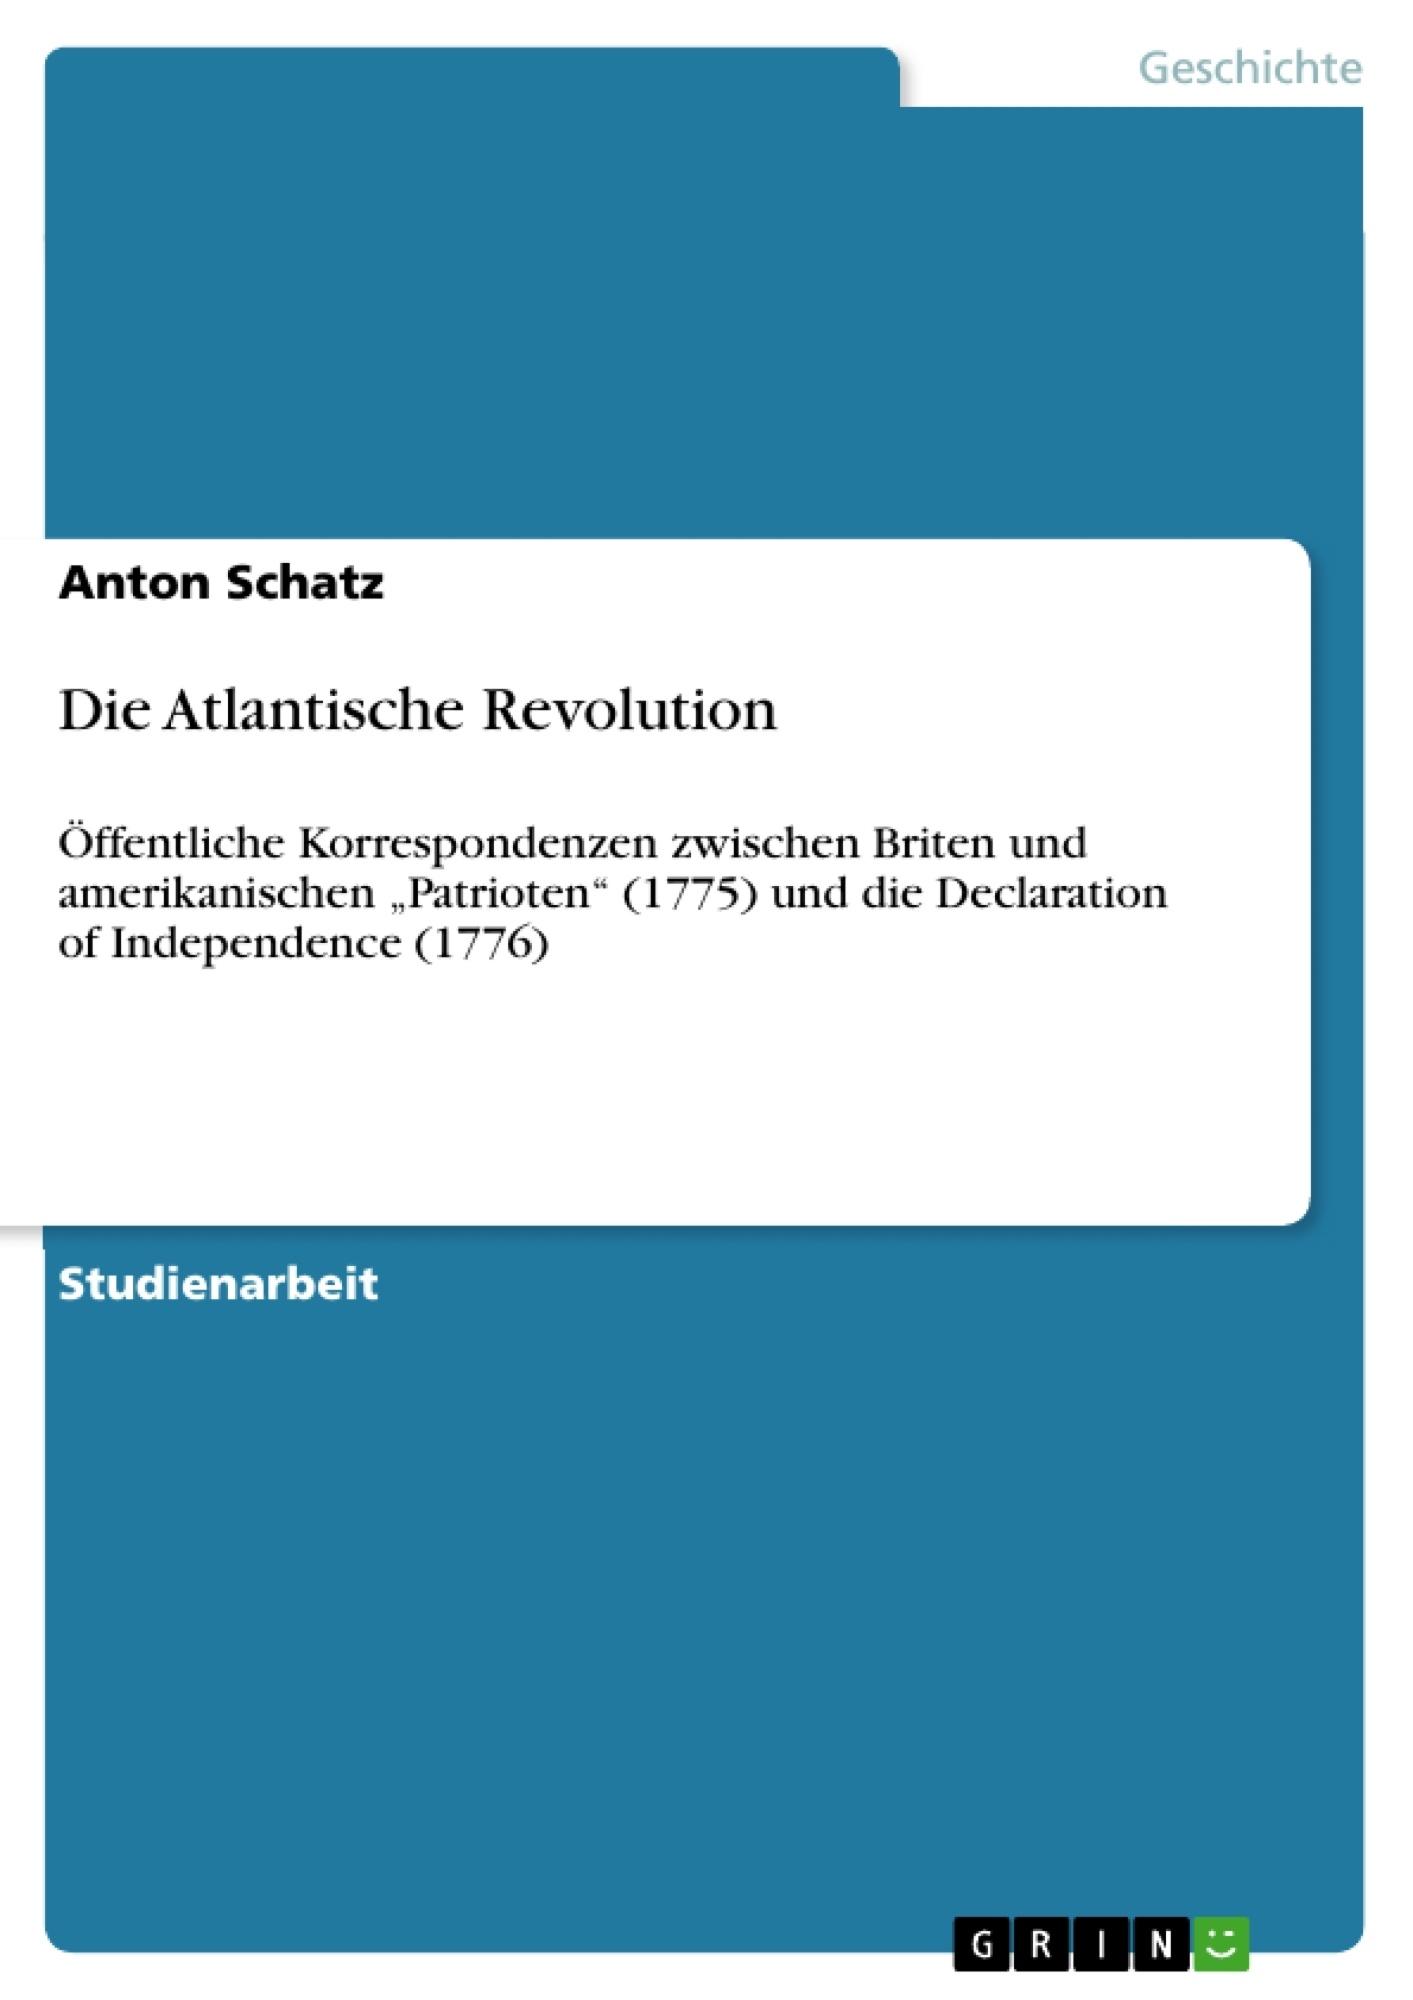 Titel: Die Atlantische Revolution